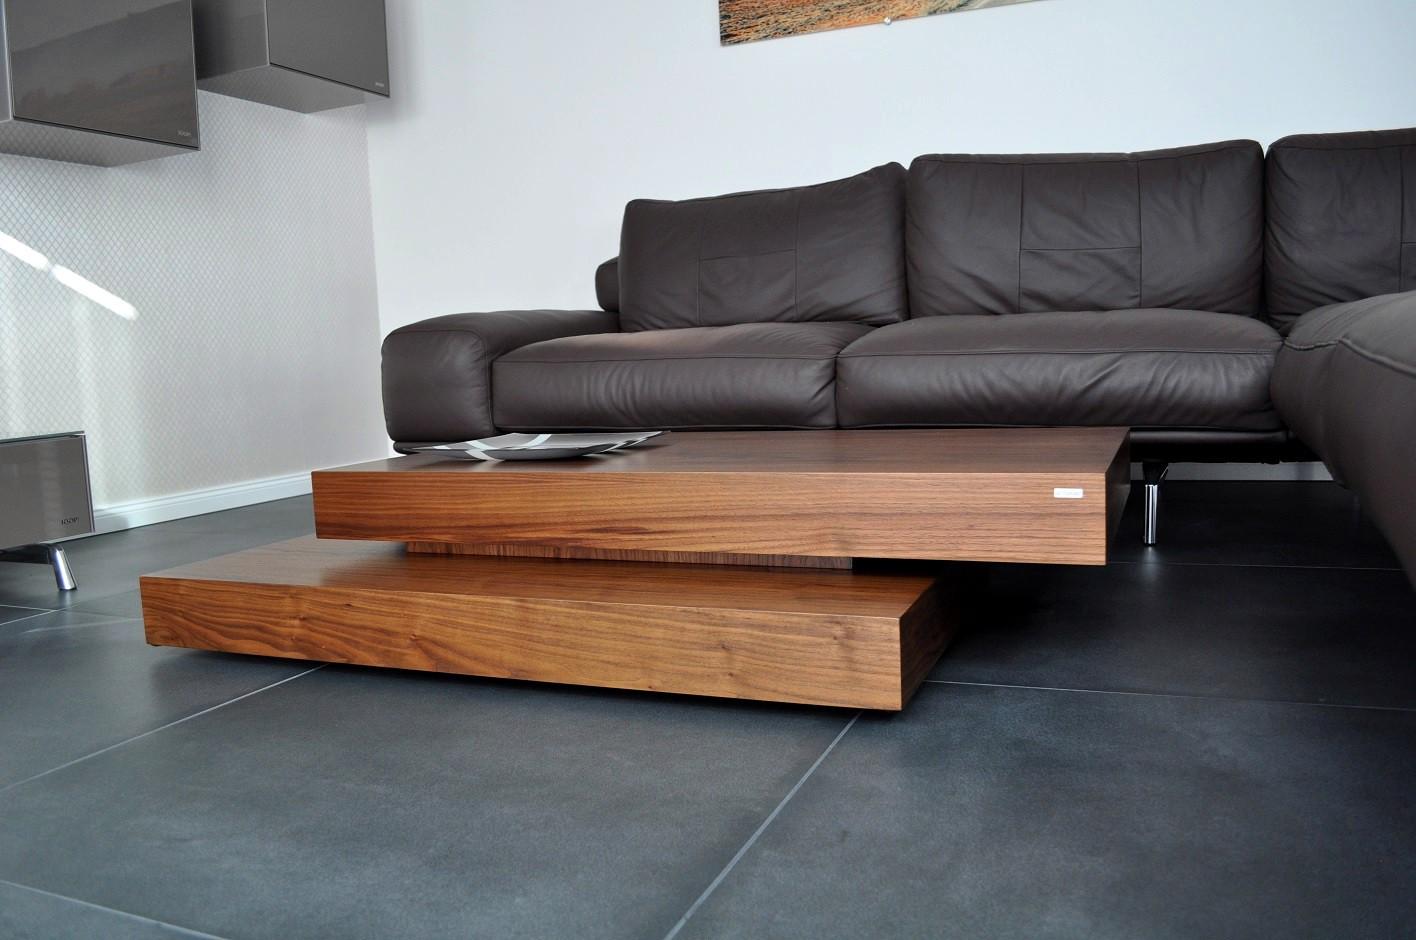 design couchtisch tisch s 60 walnuss nussbaum carl svensson couchtische nussbaum couchtische. Black Bedroom Furniture Sets. Home Design Ideas